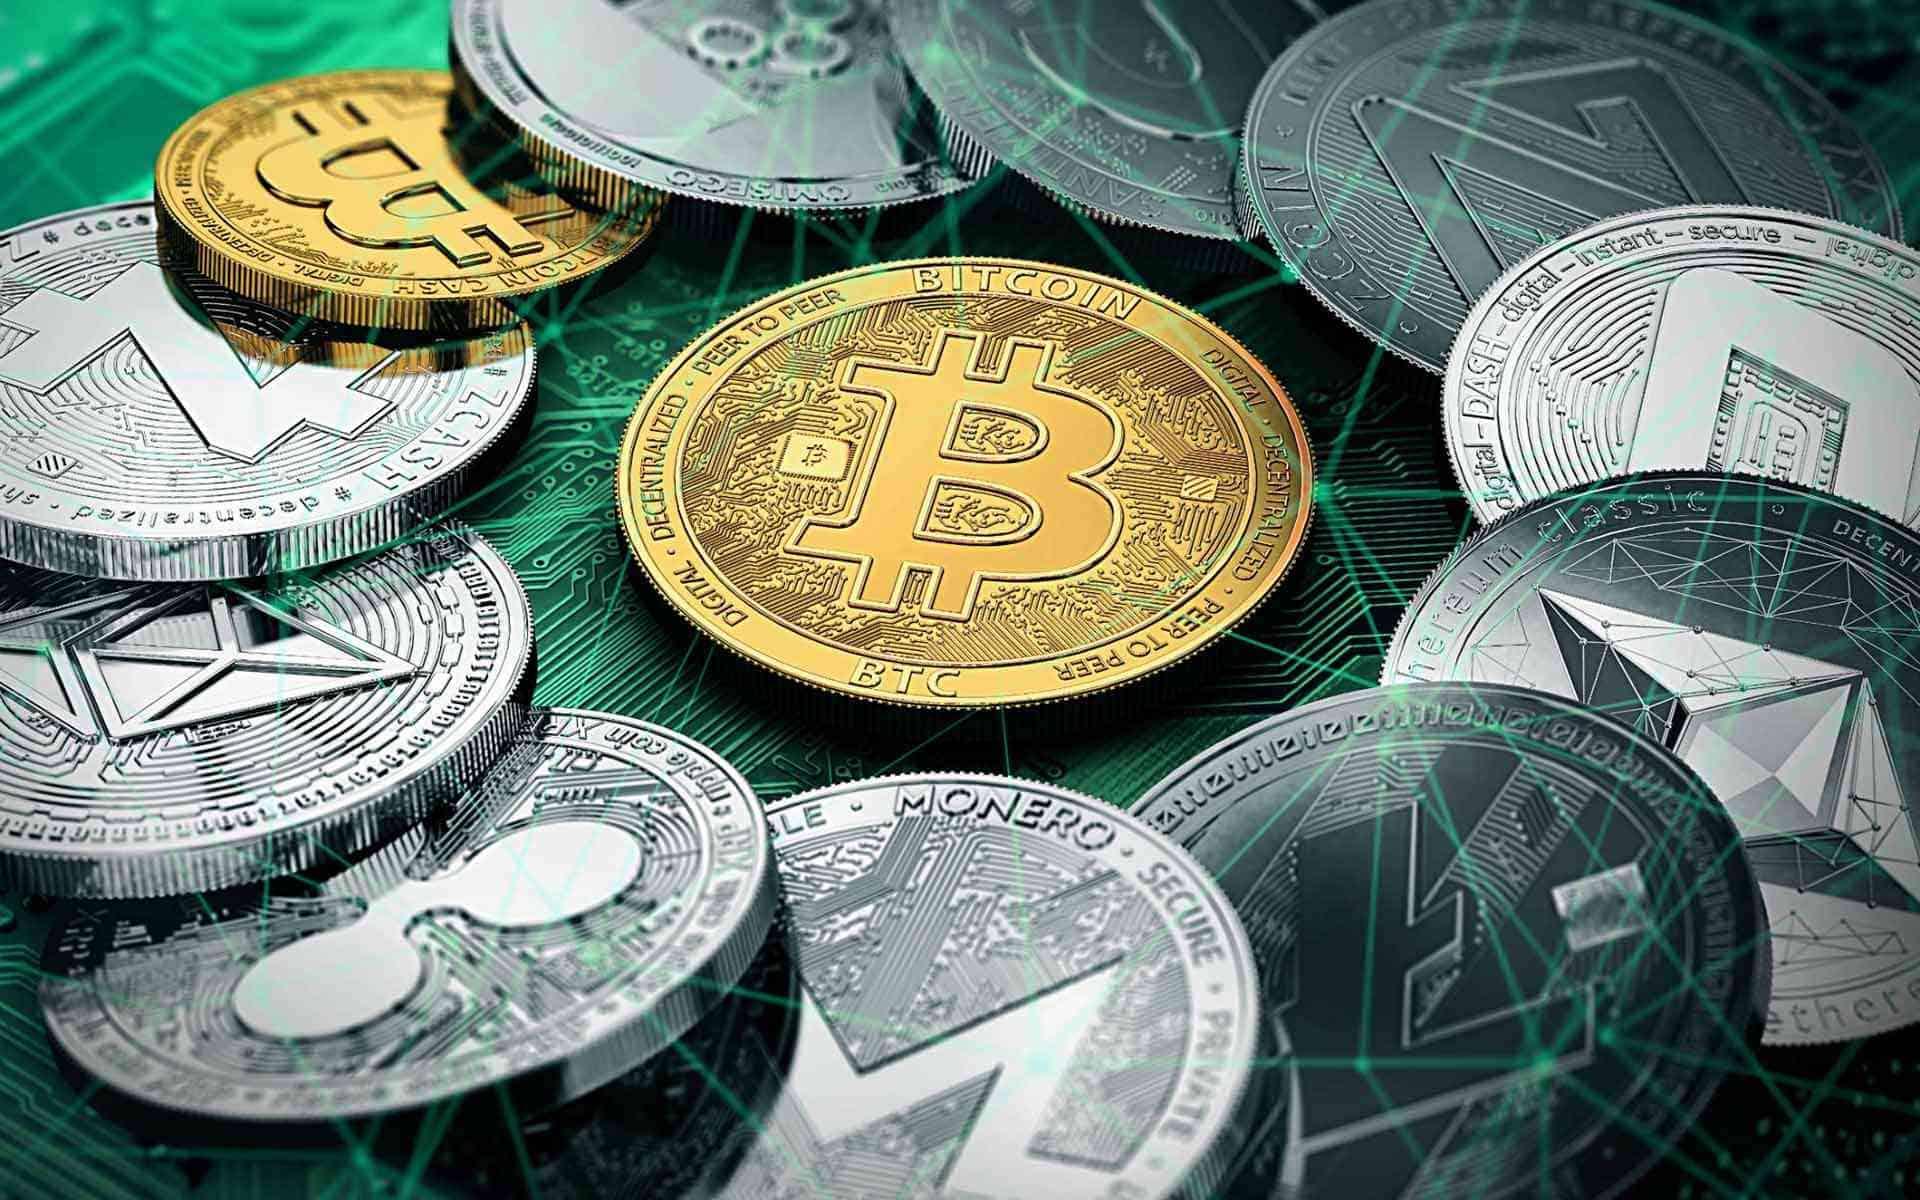 Les crypto-monnaies (crypto-currency) : Définition et décryptage d'un phénomène en pleine expansion